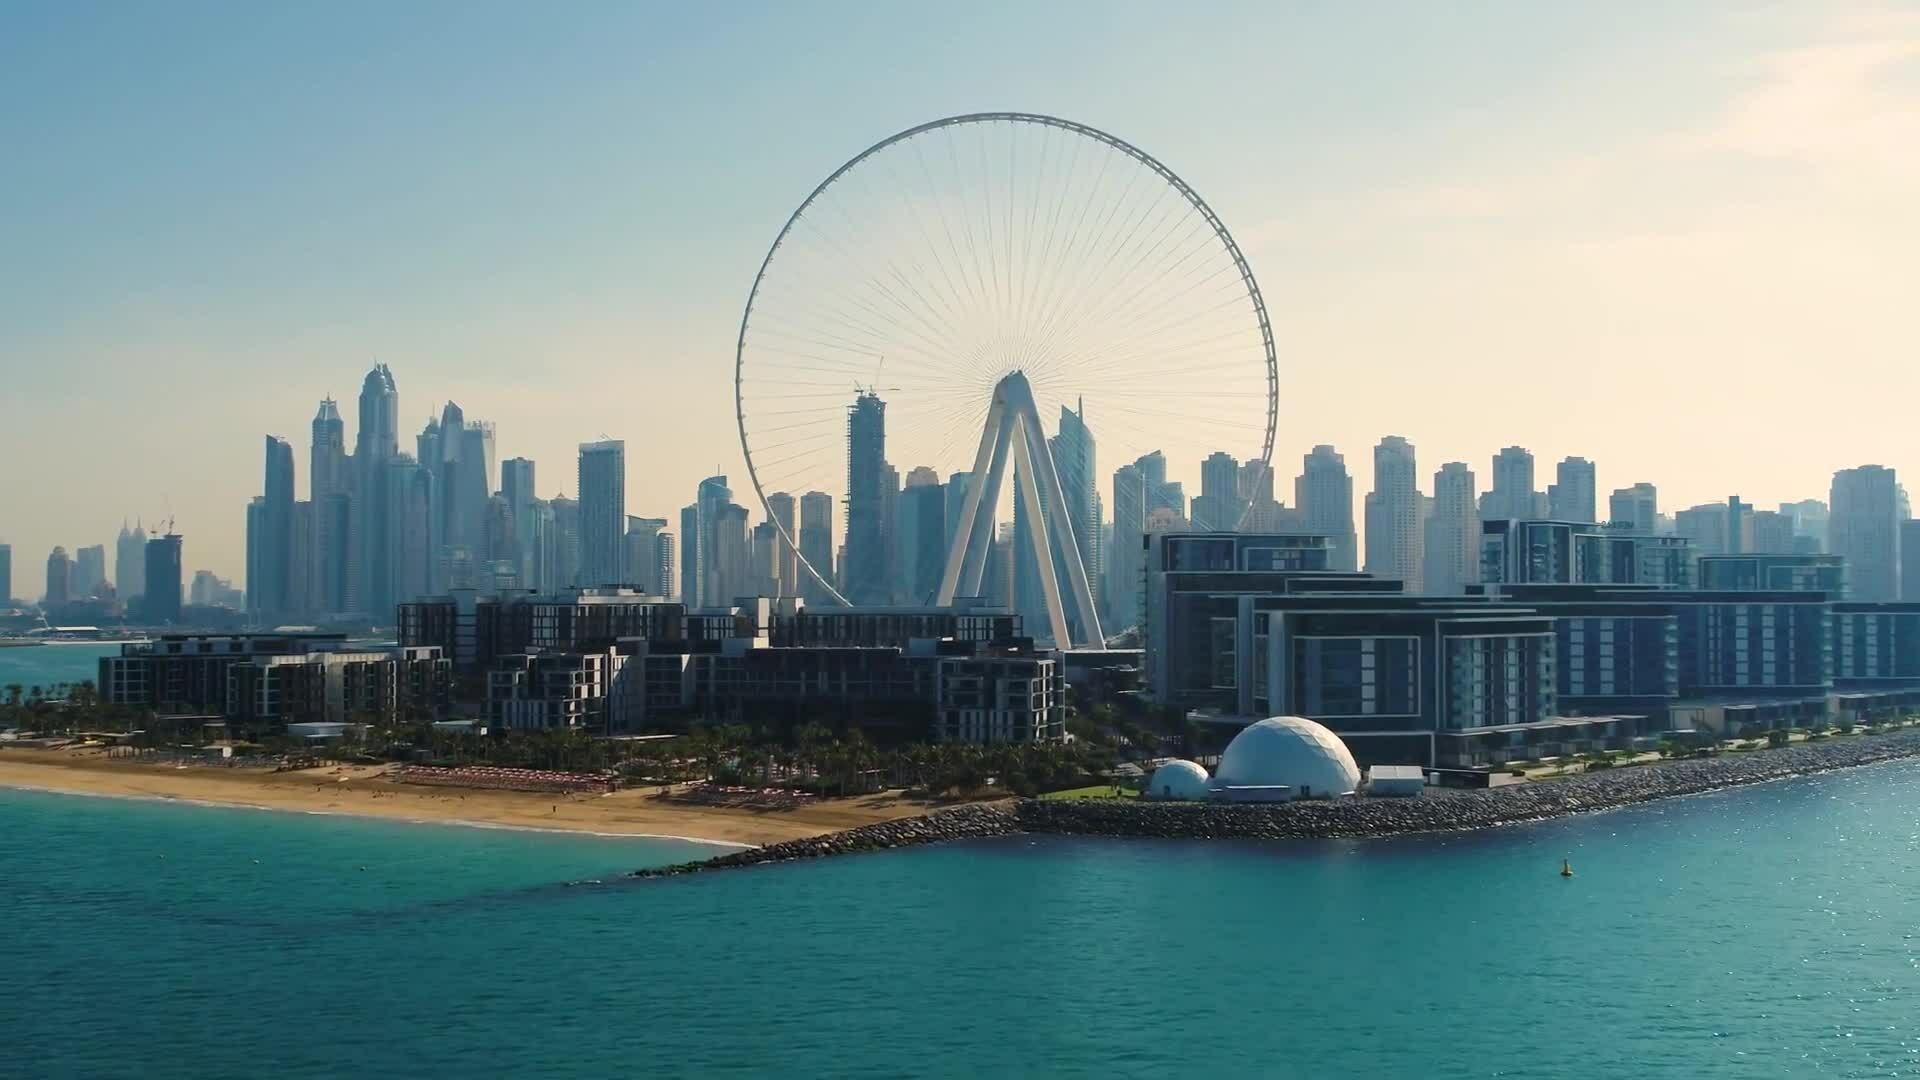 Vòng đu quay cao nhất thế giới ở Dubai